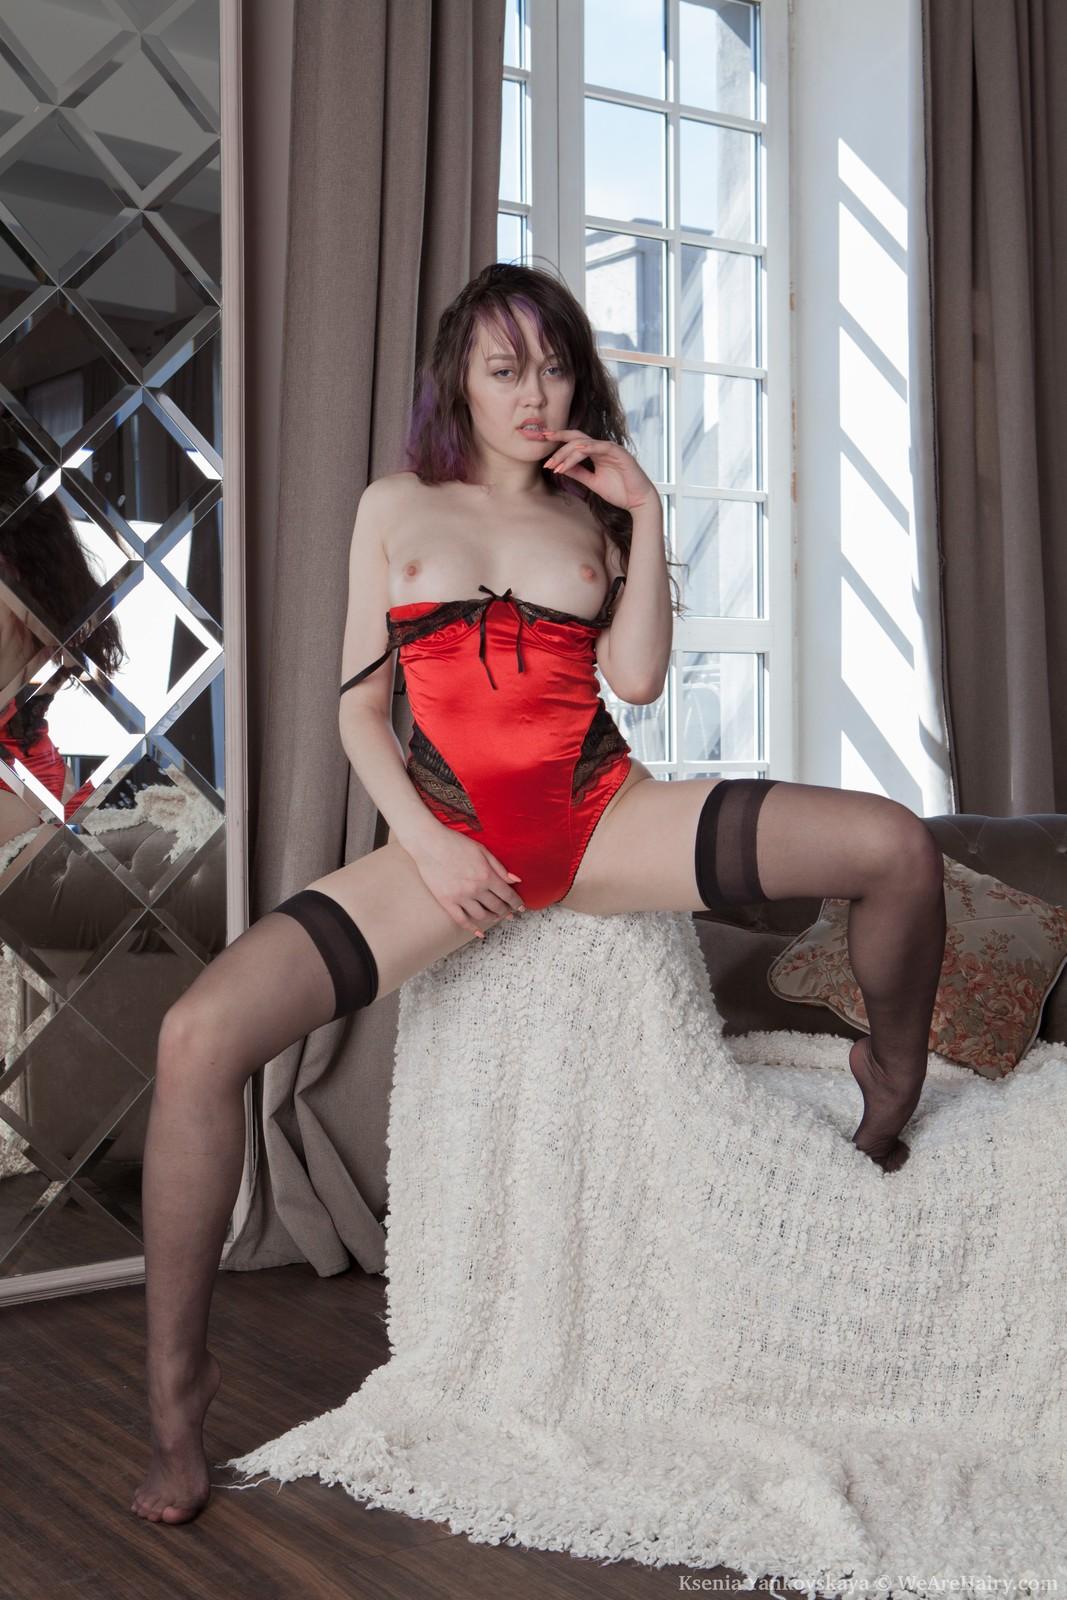 ksenia-yankovskaya-takes-off-her-red-lingerie5.jpg